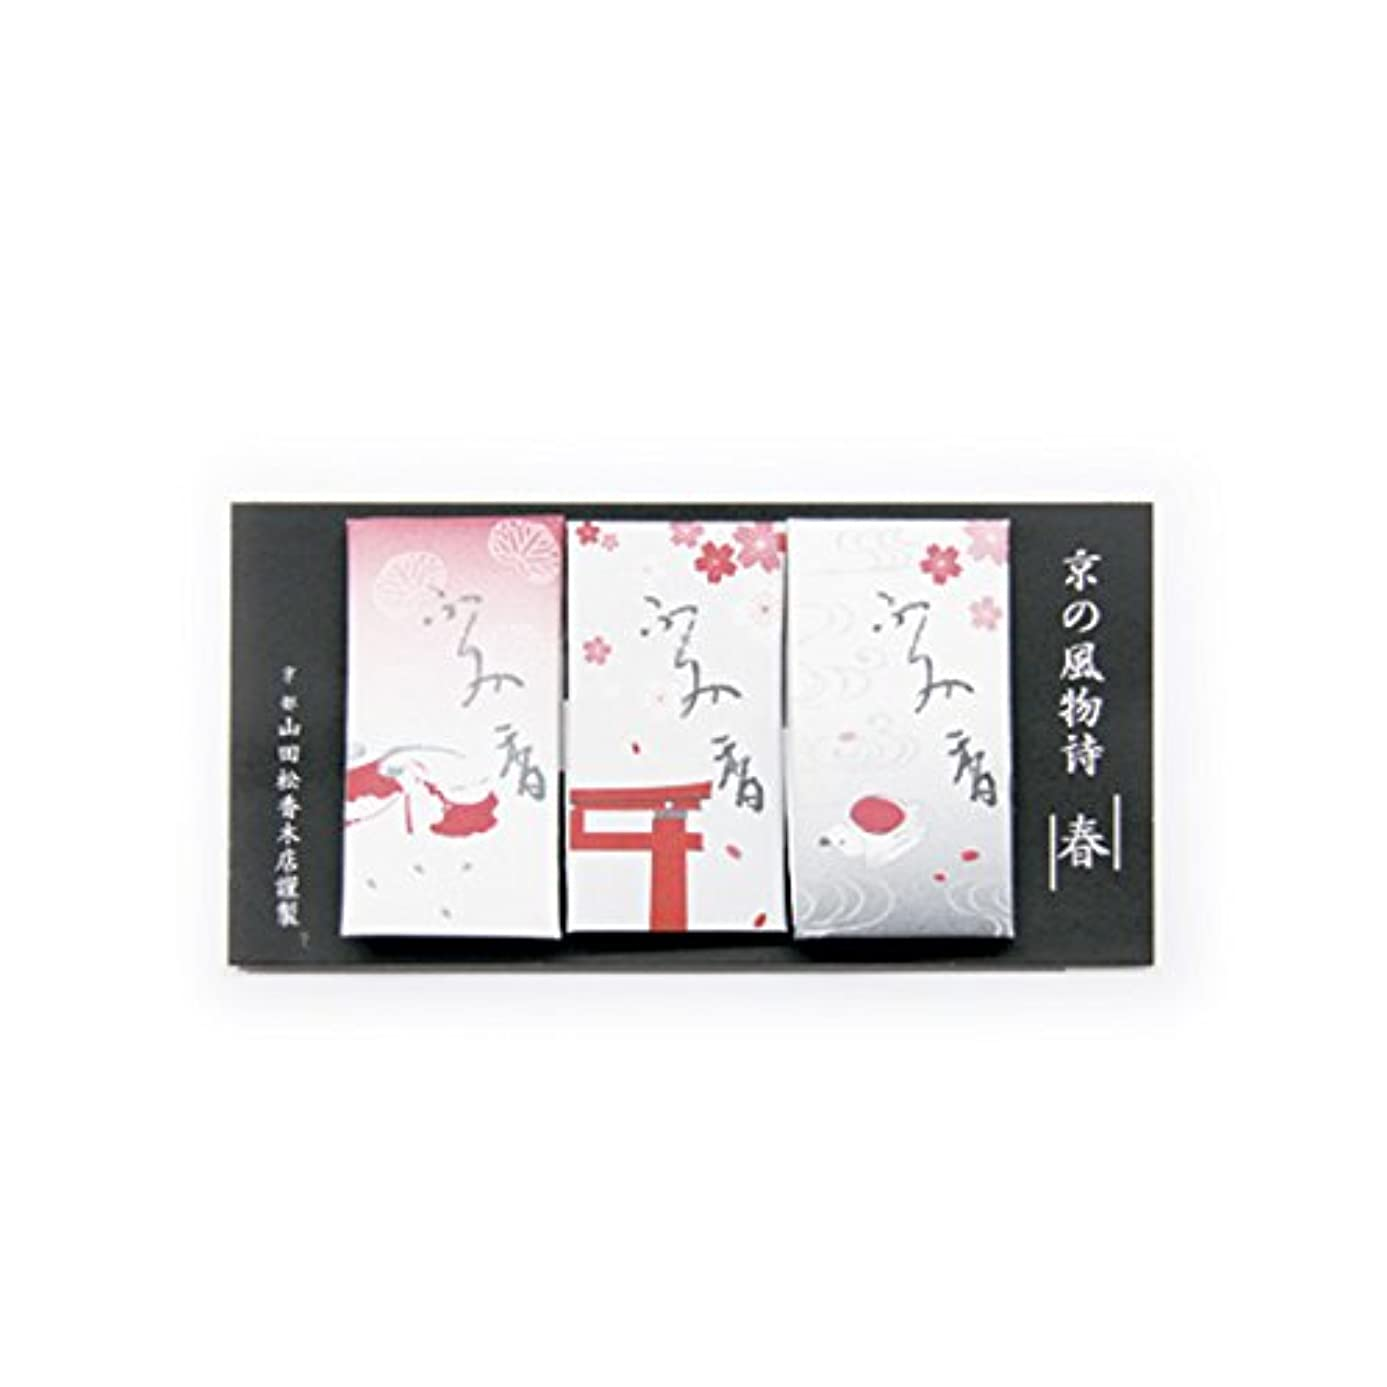 感謝する終了する安らぎ文香 京の風物詩 春